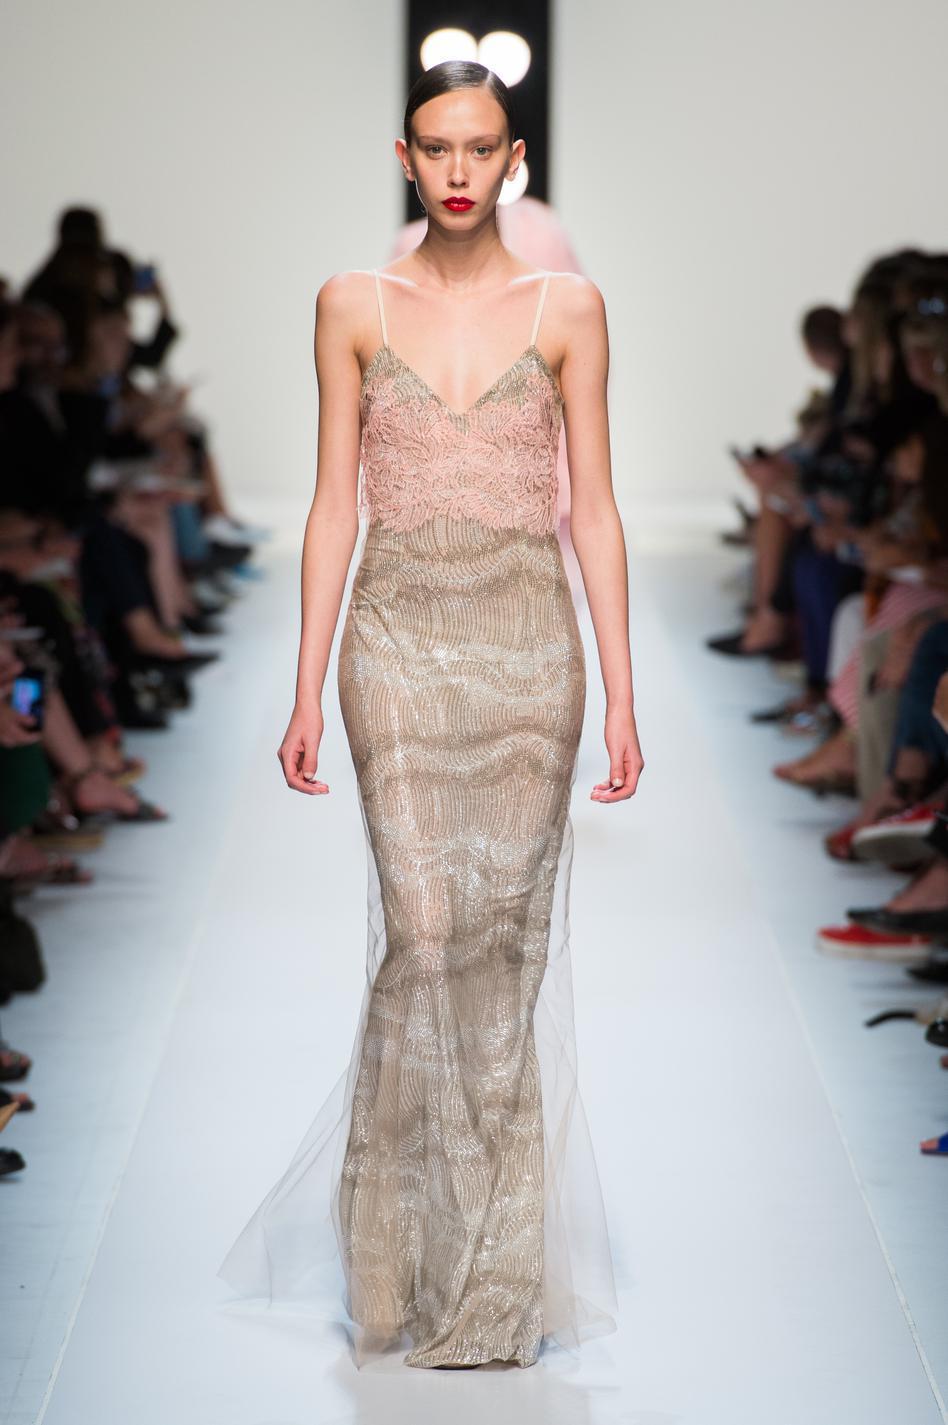 ... Les plus belles robes du soir de la Fashion Week printemps-été 2018 -  Ermanno Scervino ... ee8837e9944